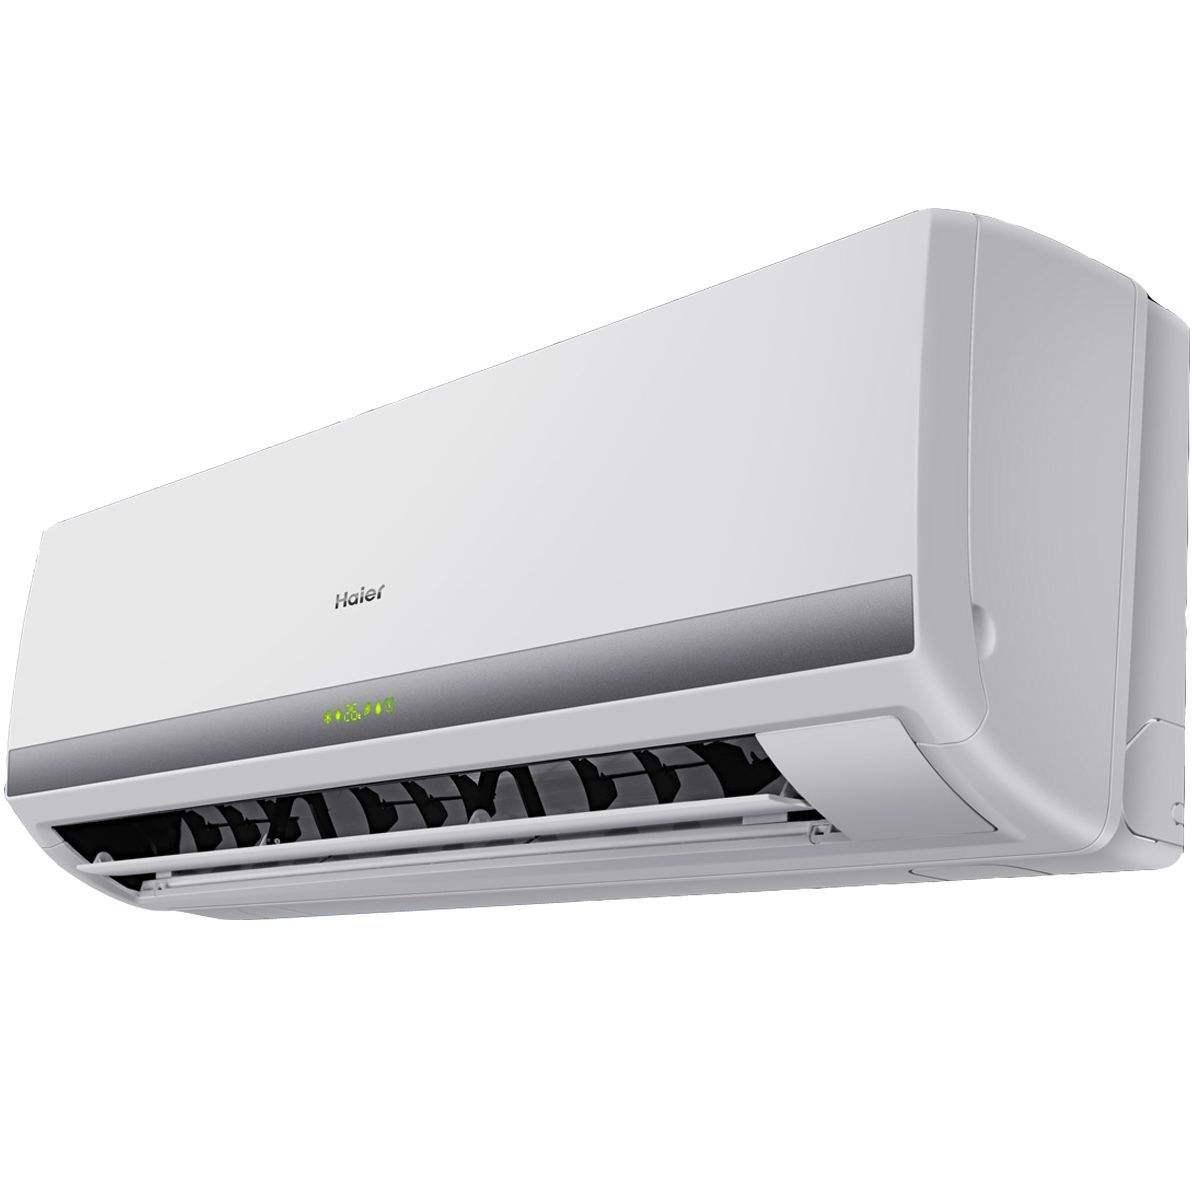 如何清洗壁挂空调滚轮   空调的日常使用注意事项